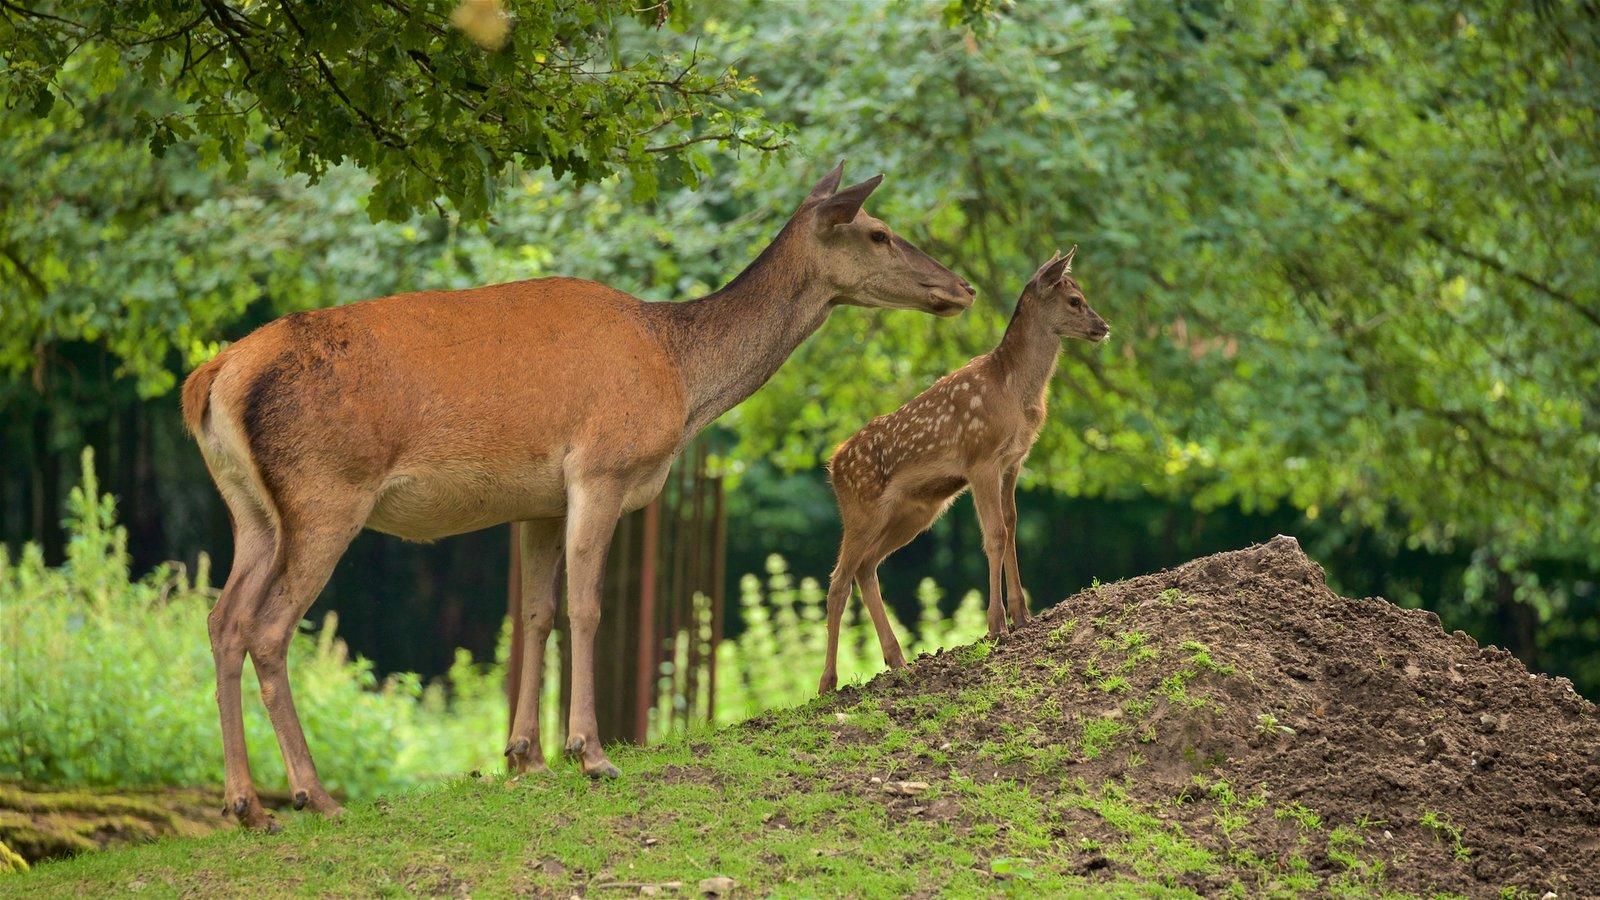 Parque de Animais de Olderdissen caracterizando animais terrestres, animais de zoológico e animais fofos ou amigáveis